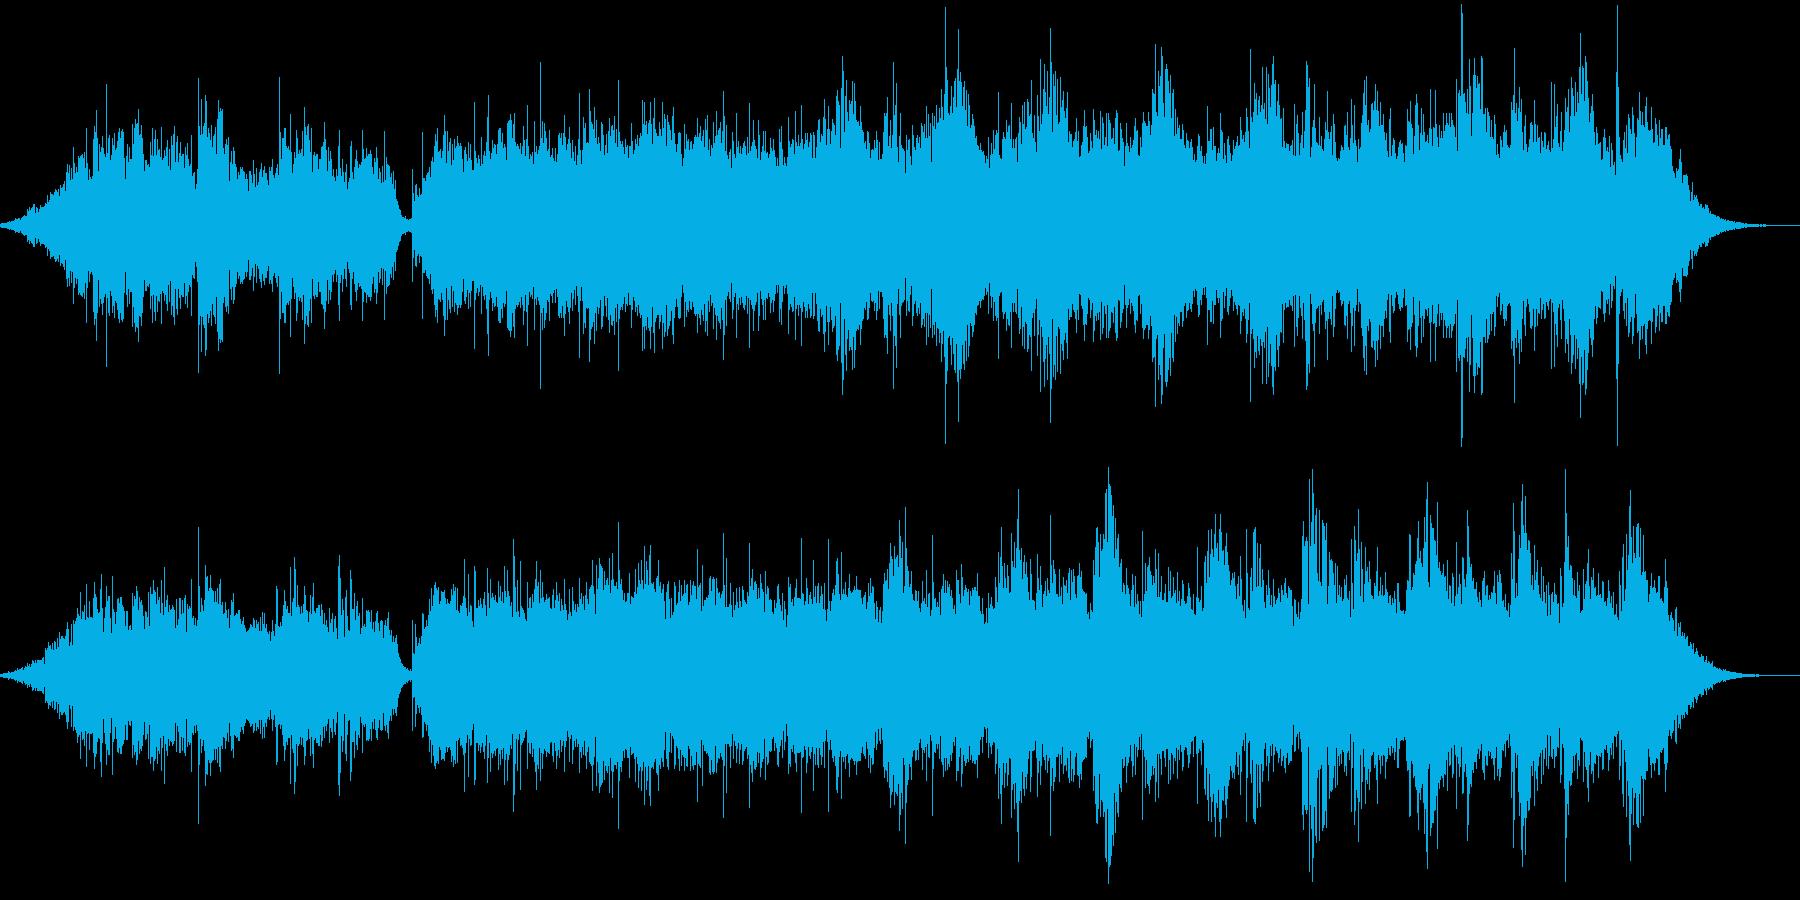 ファンタジー的なドリーム感のある曲です。の再生済みの波形